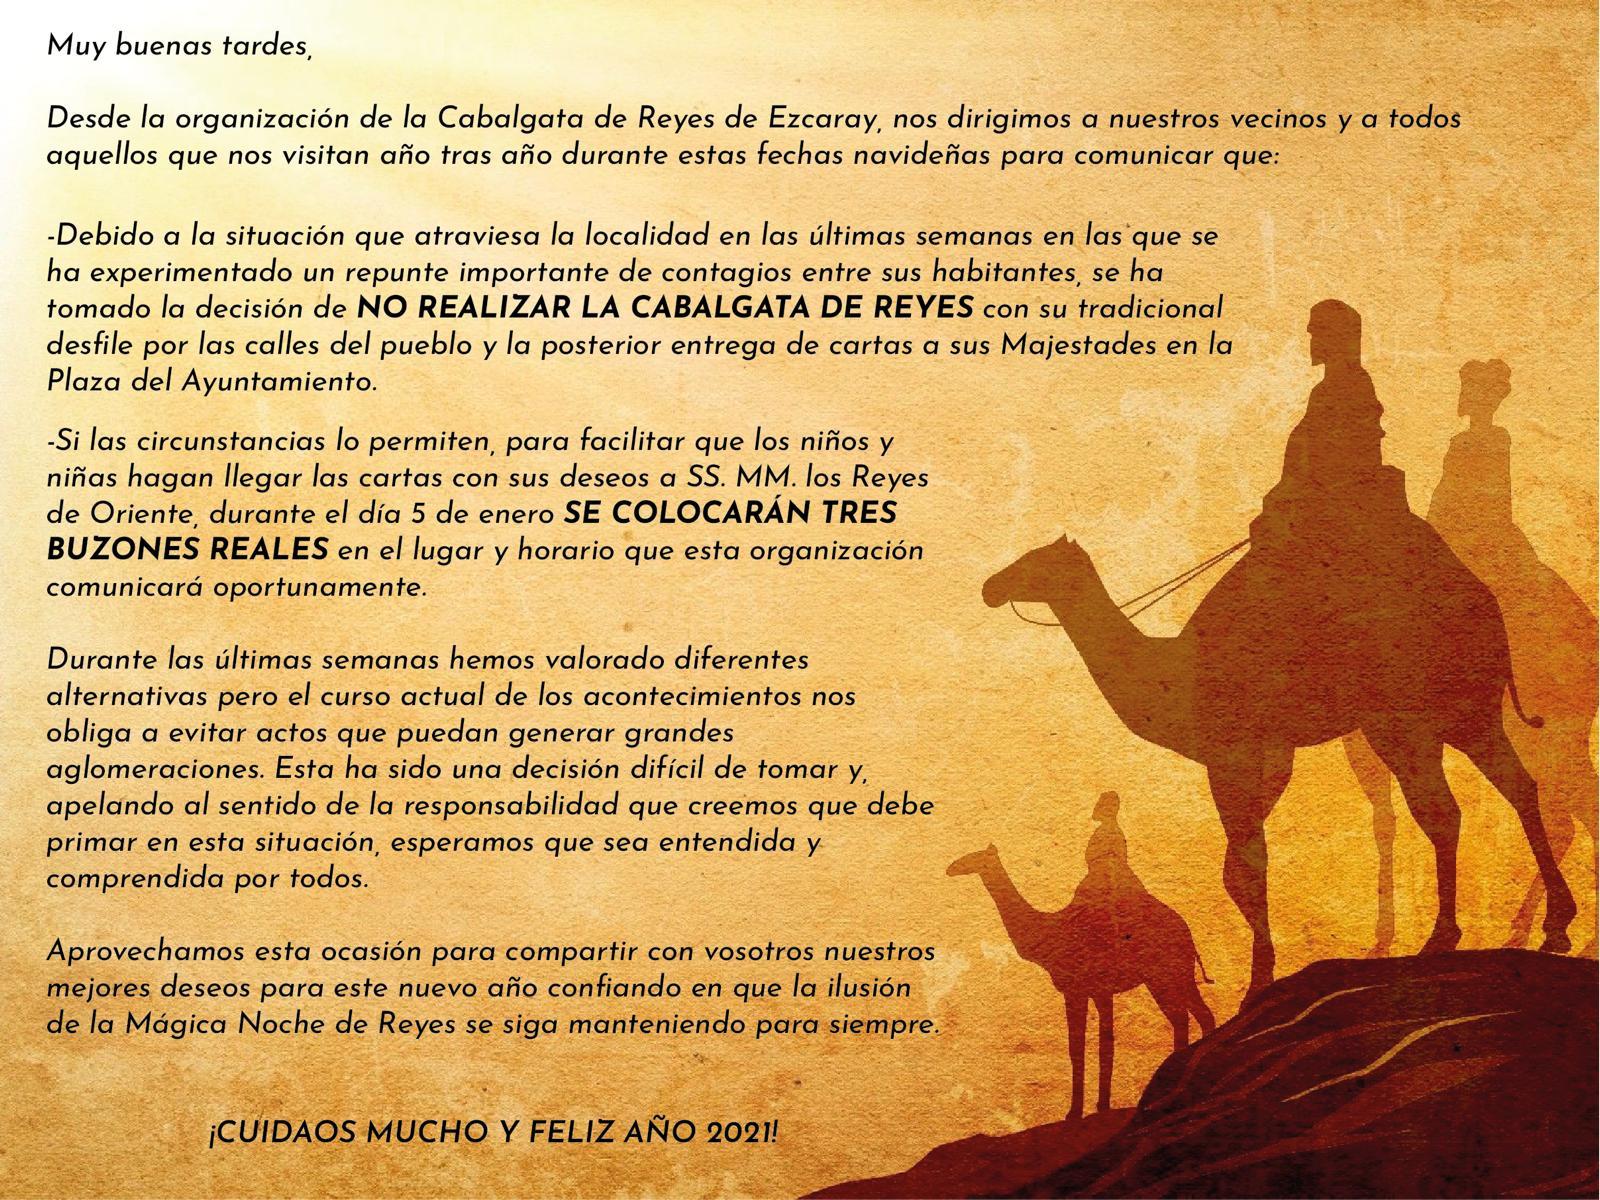 Ezcaray suspende su tradicional Cabalgata de Reyes por la incidencia del coronavirus 1